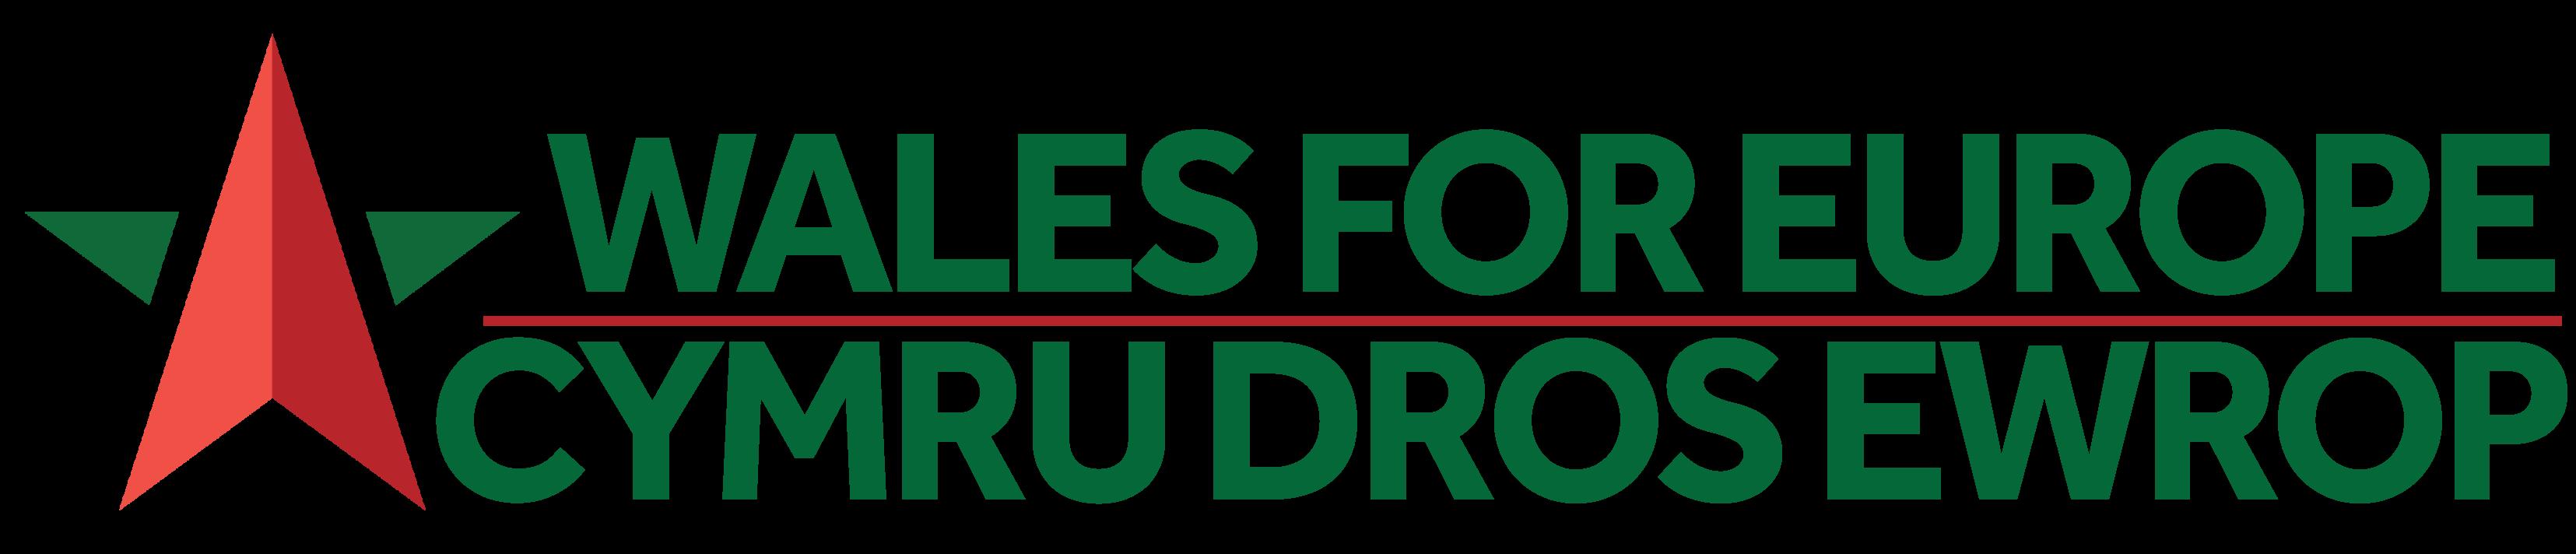 Wales For Europe • Cymru Dros Ewrop